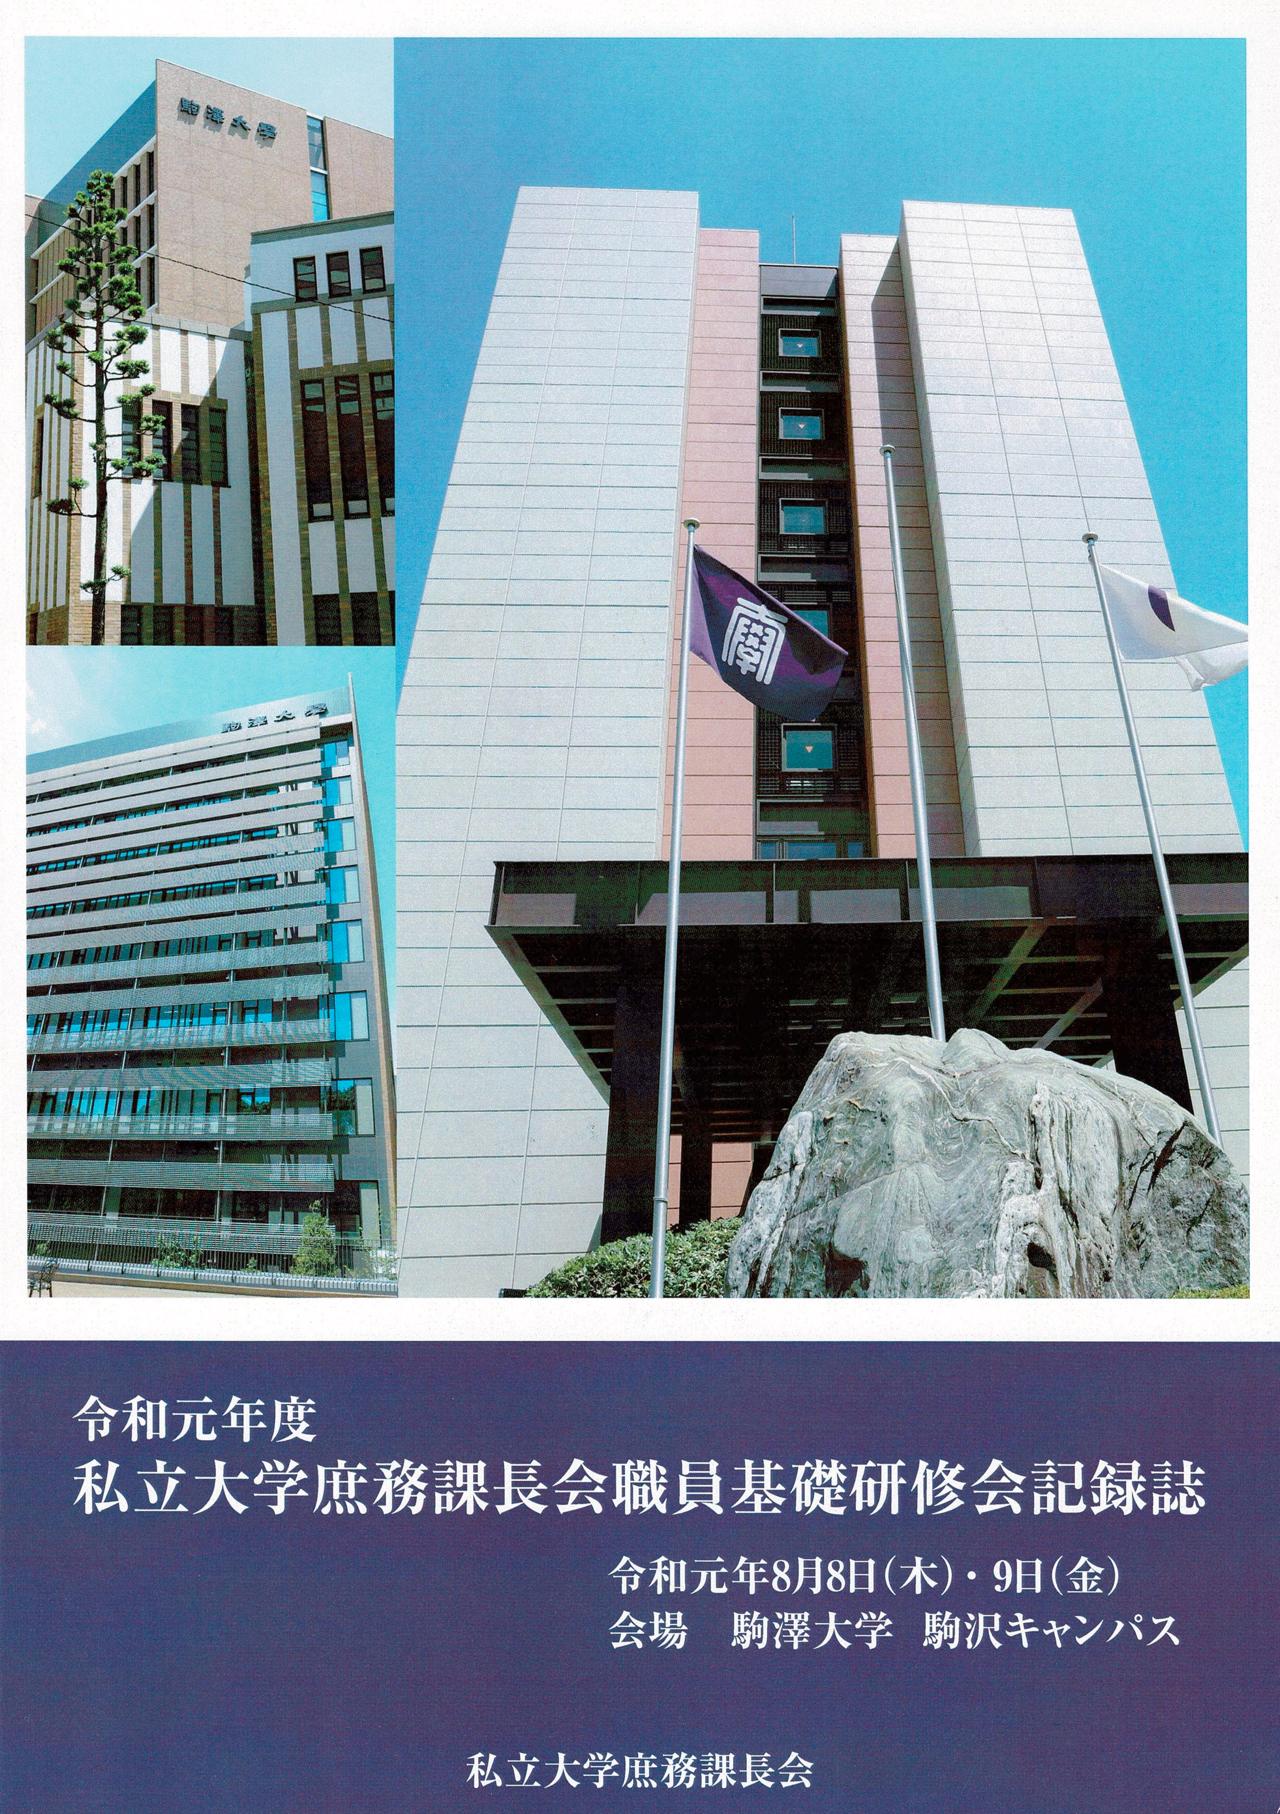 2019年私立大学庶務課長会 職員基礎研修会 記録誌表紙